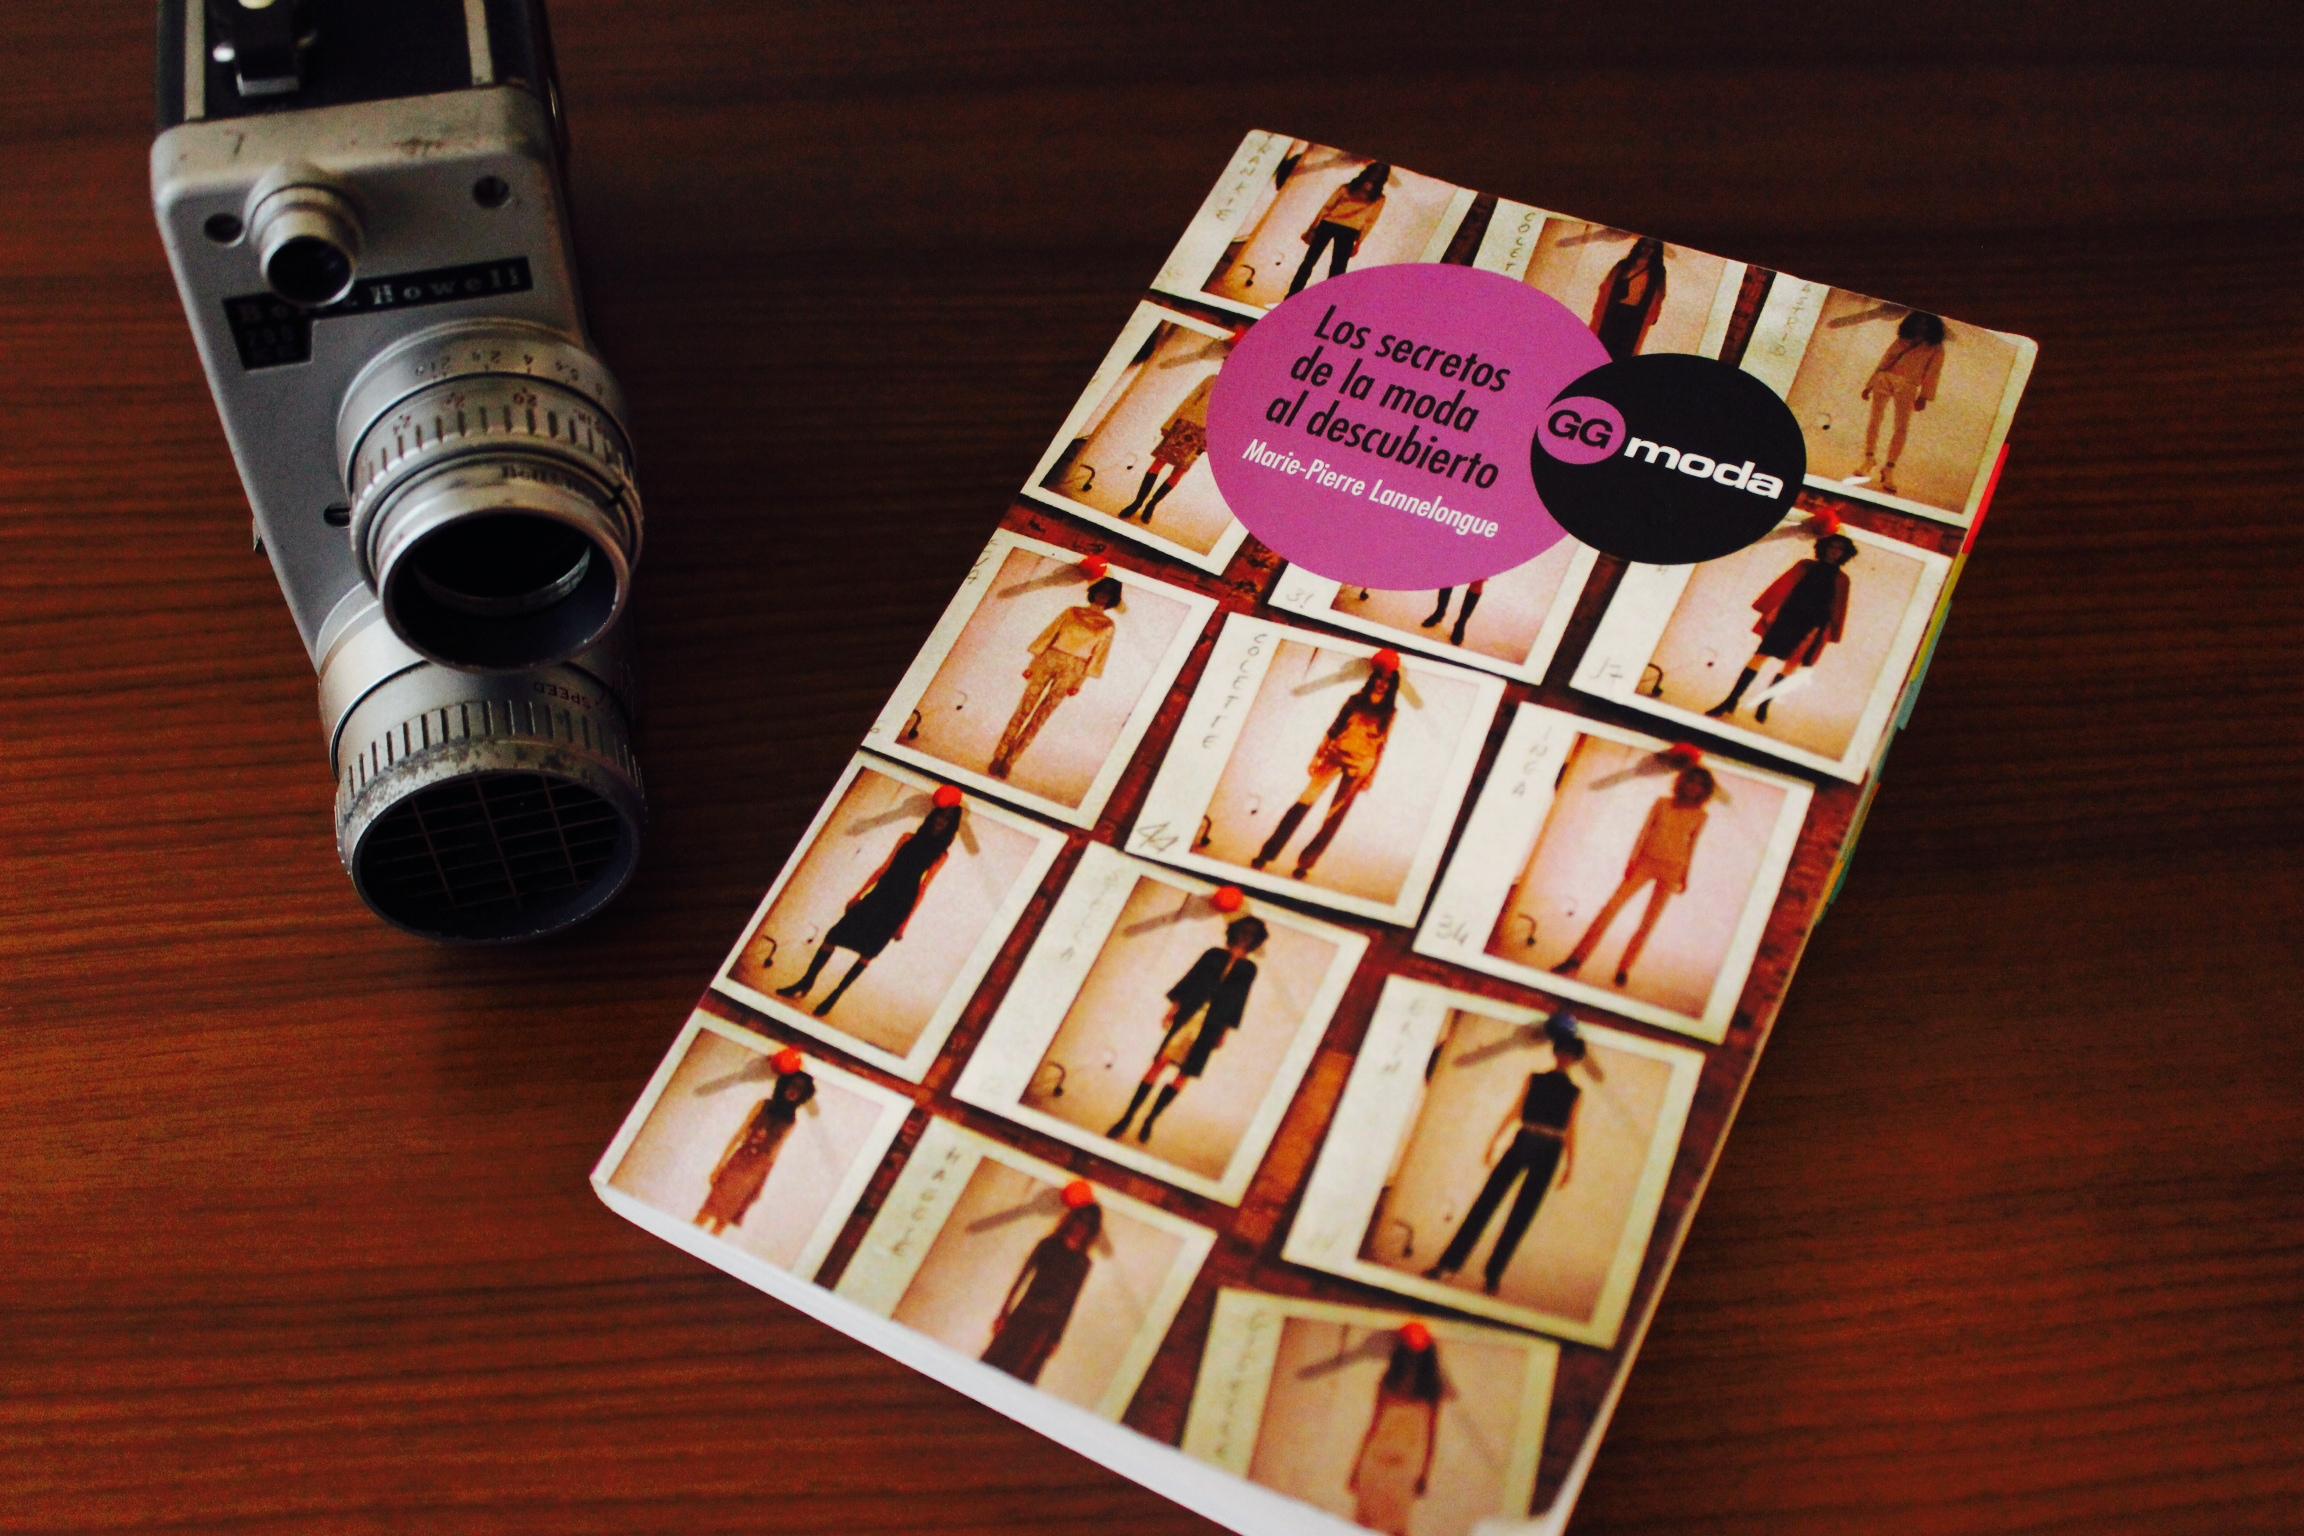 Libro recomendado: Los Secretos de la Moda al Descubierto, por Marie-Pierre Lannelongue